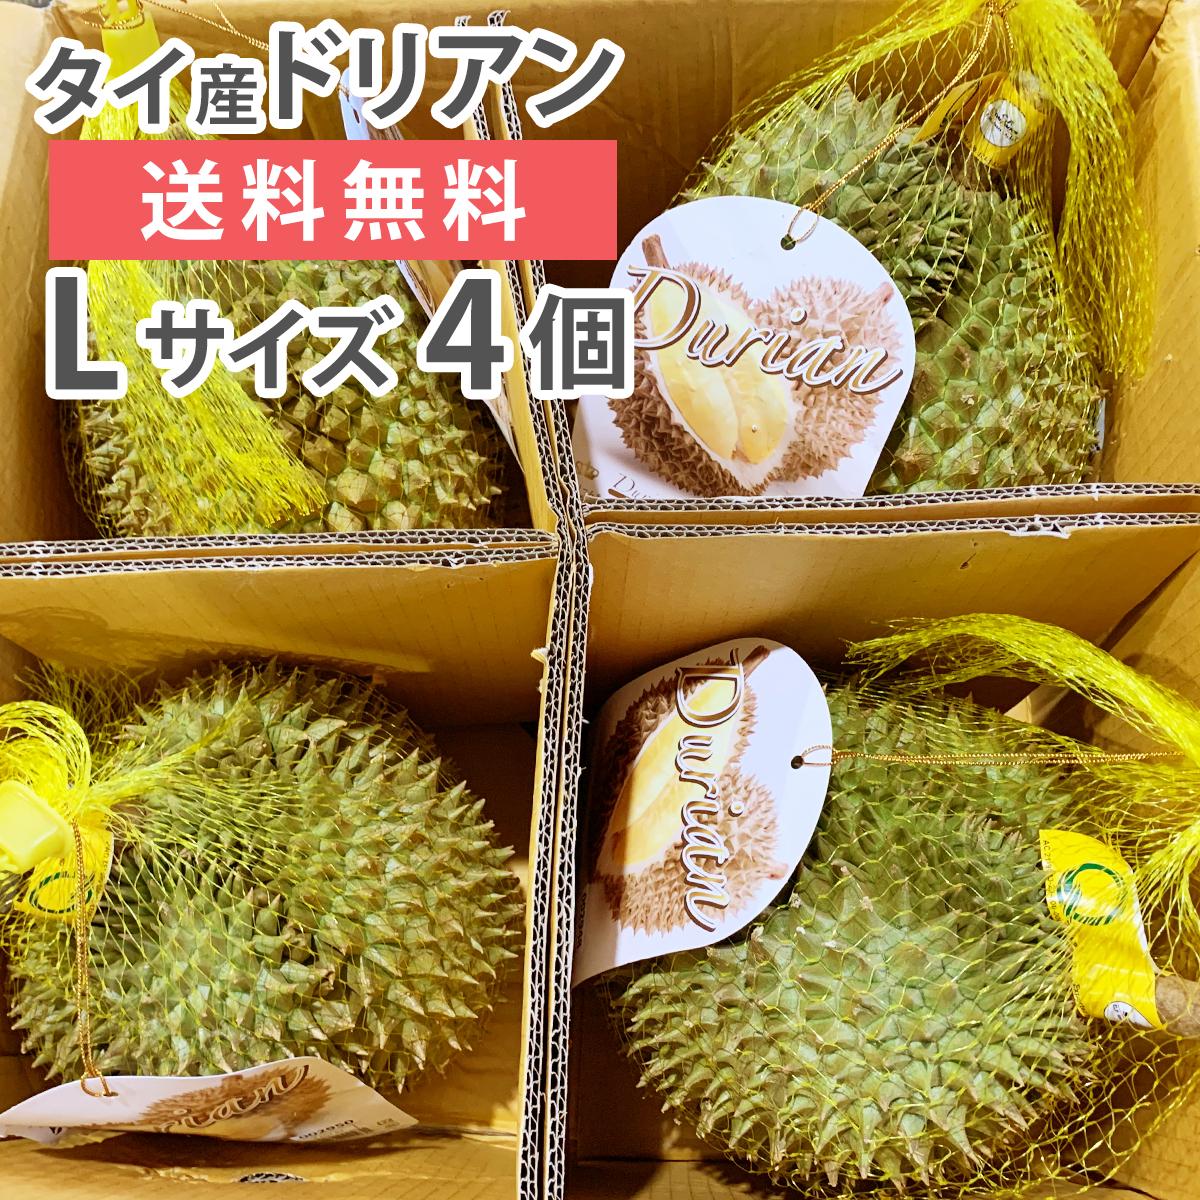 ドリアン モントーン種 タイ産 Lサイズ 4玉 生鮮 フレッシュ 生 果物